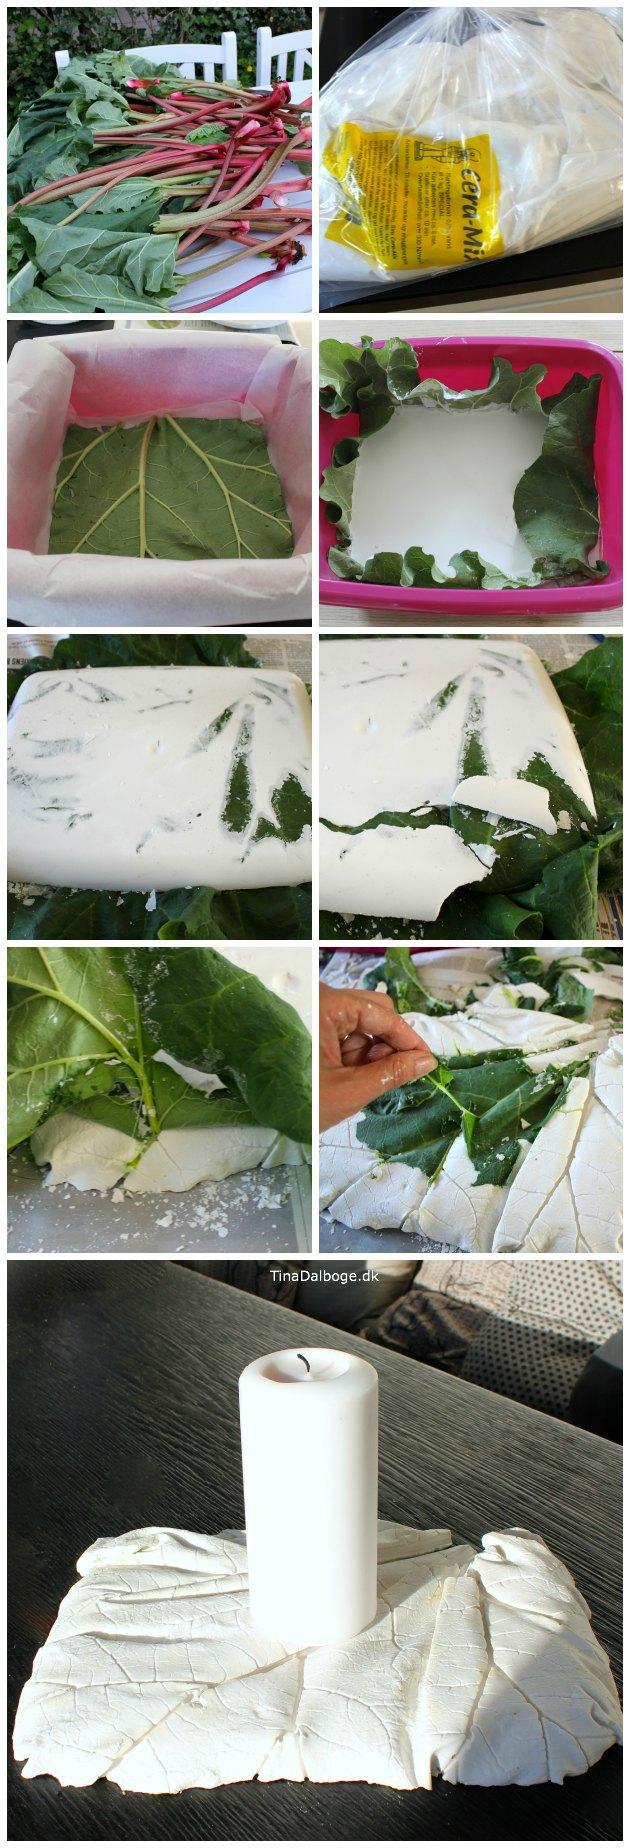 støbning med rabarberblade